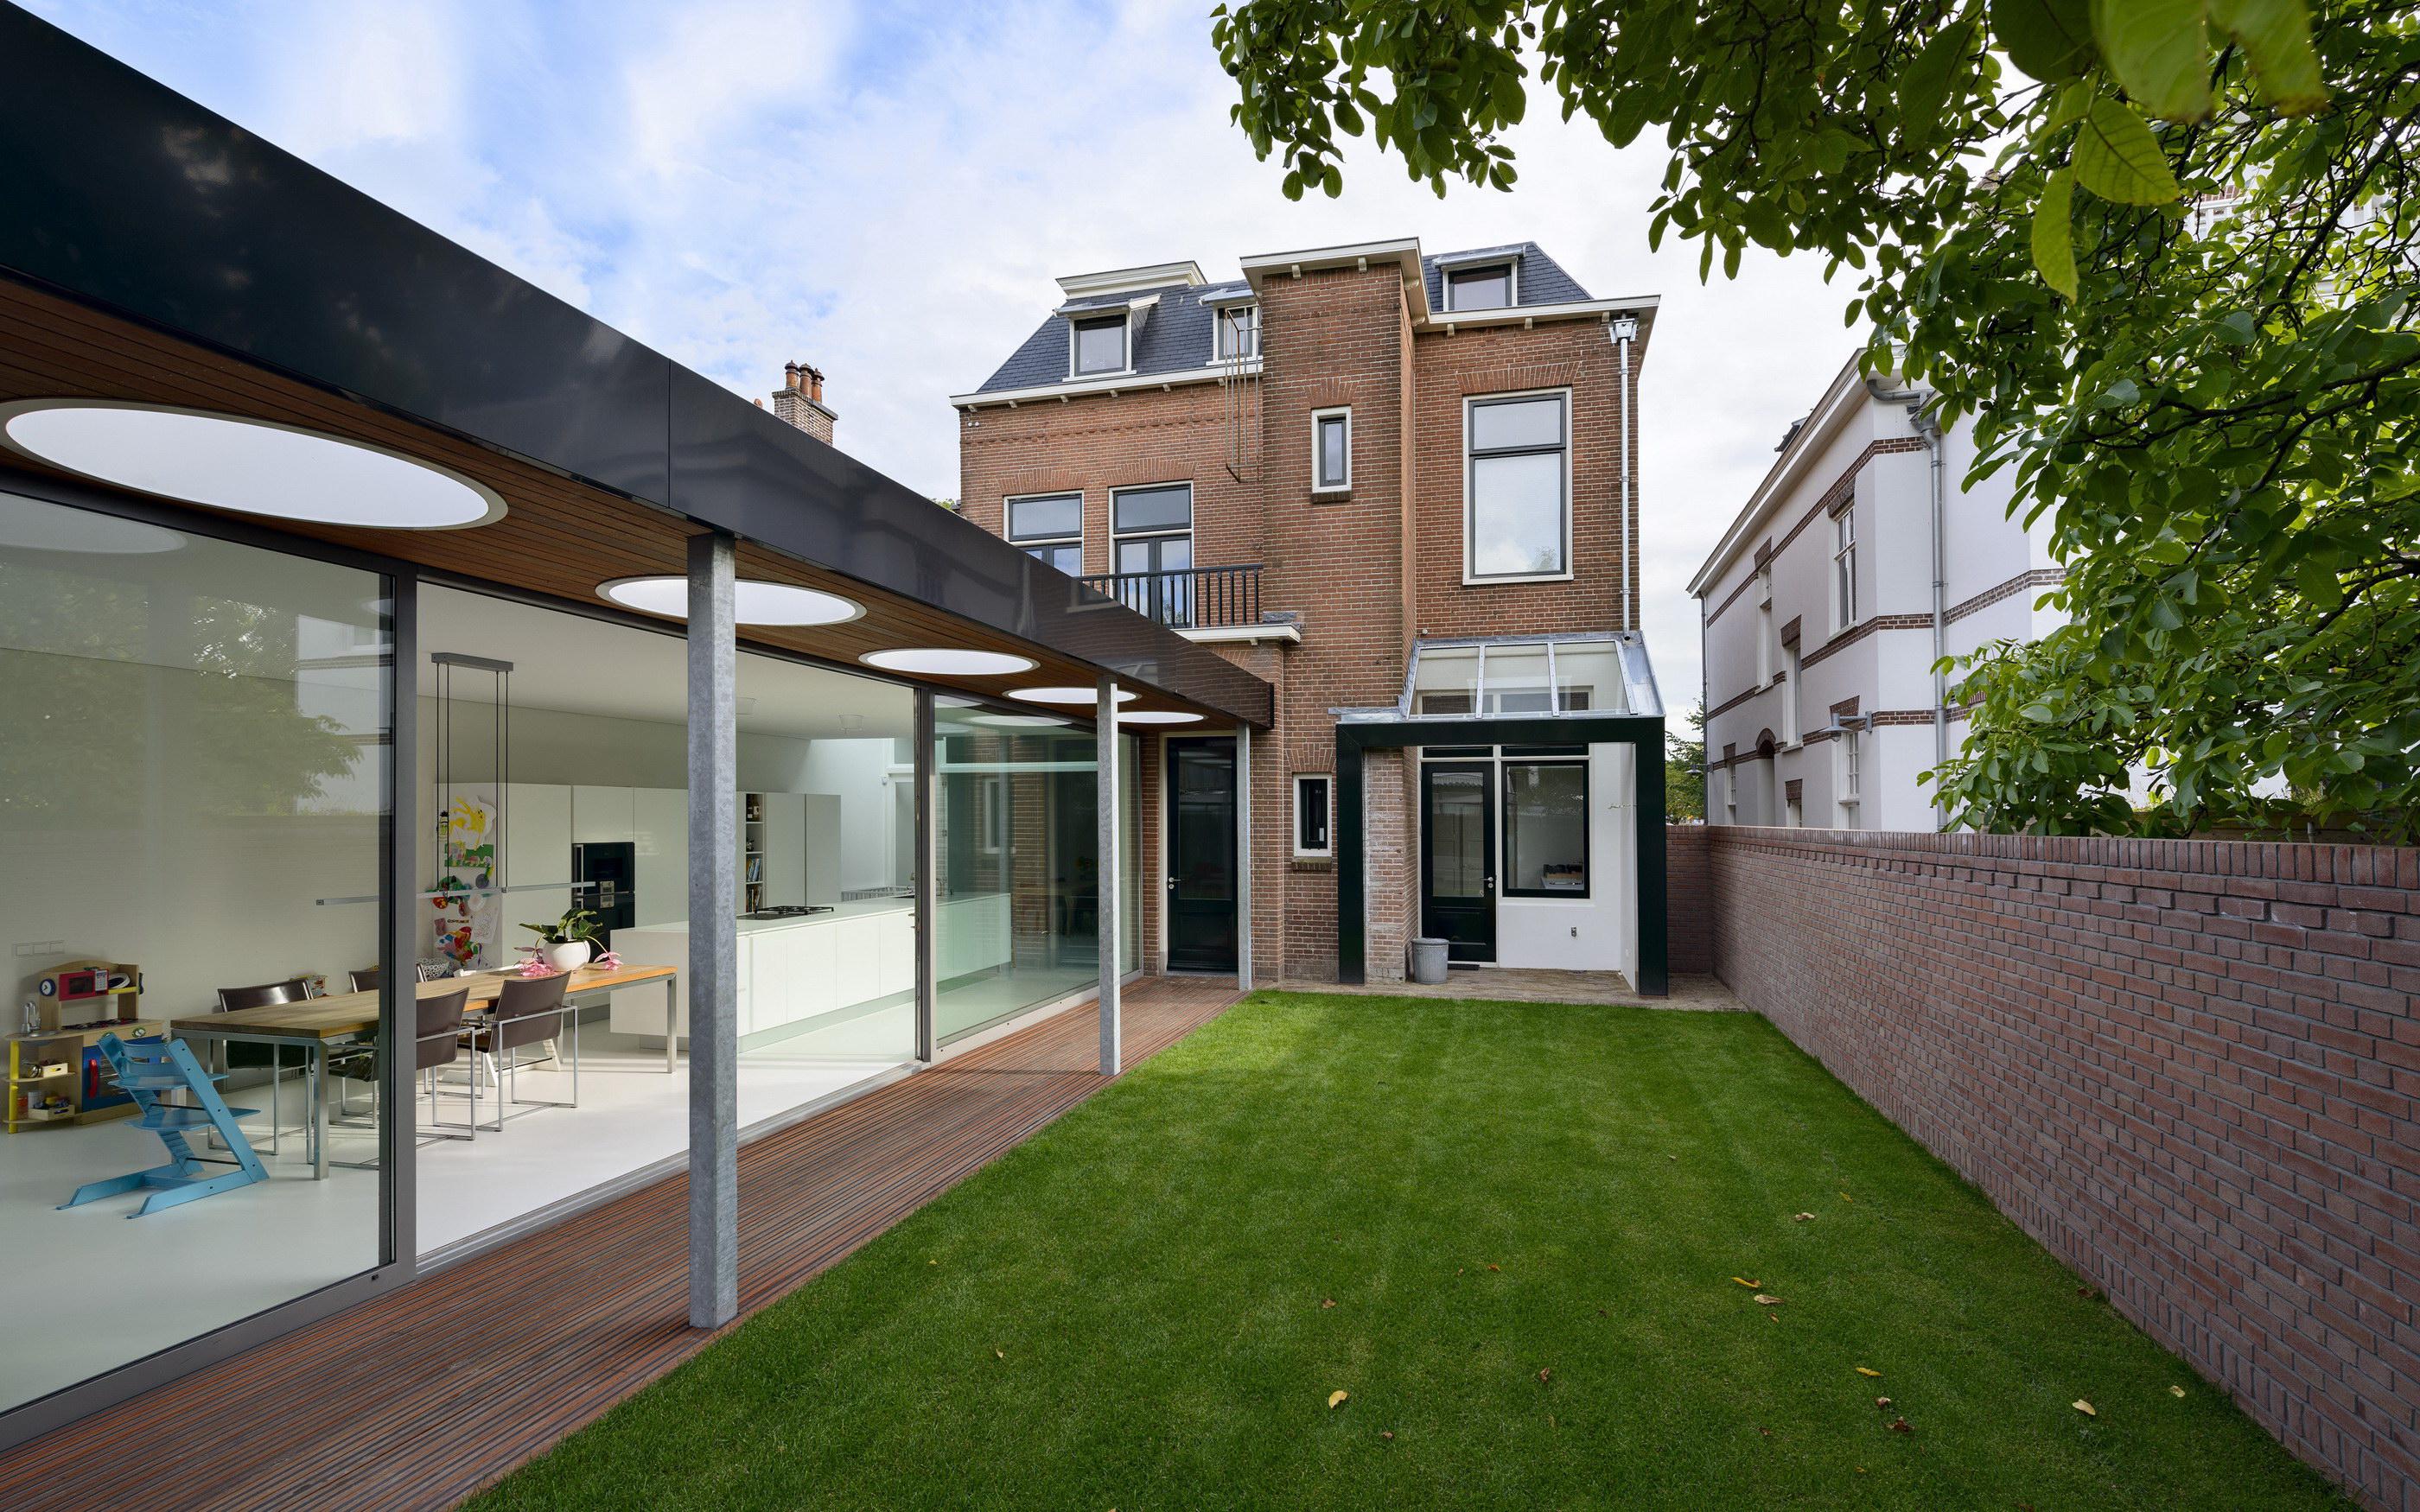 Villa Juliana | Mansion Restoration in The Netherlands